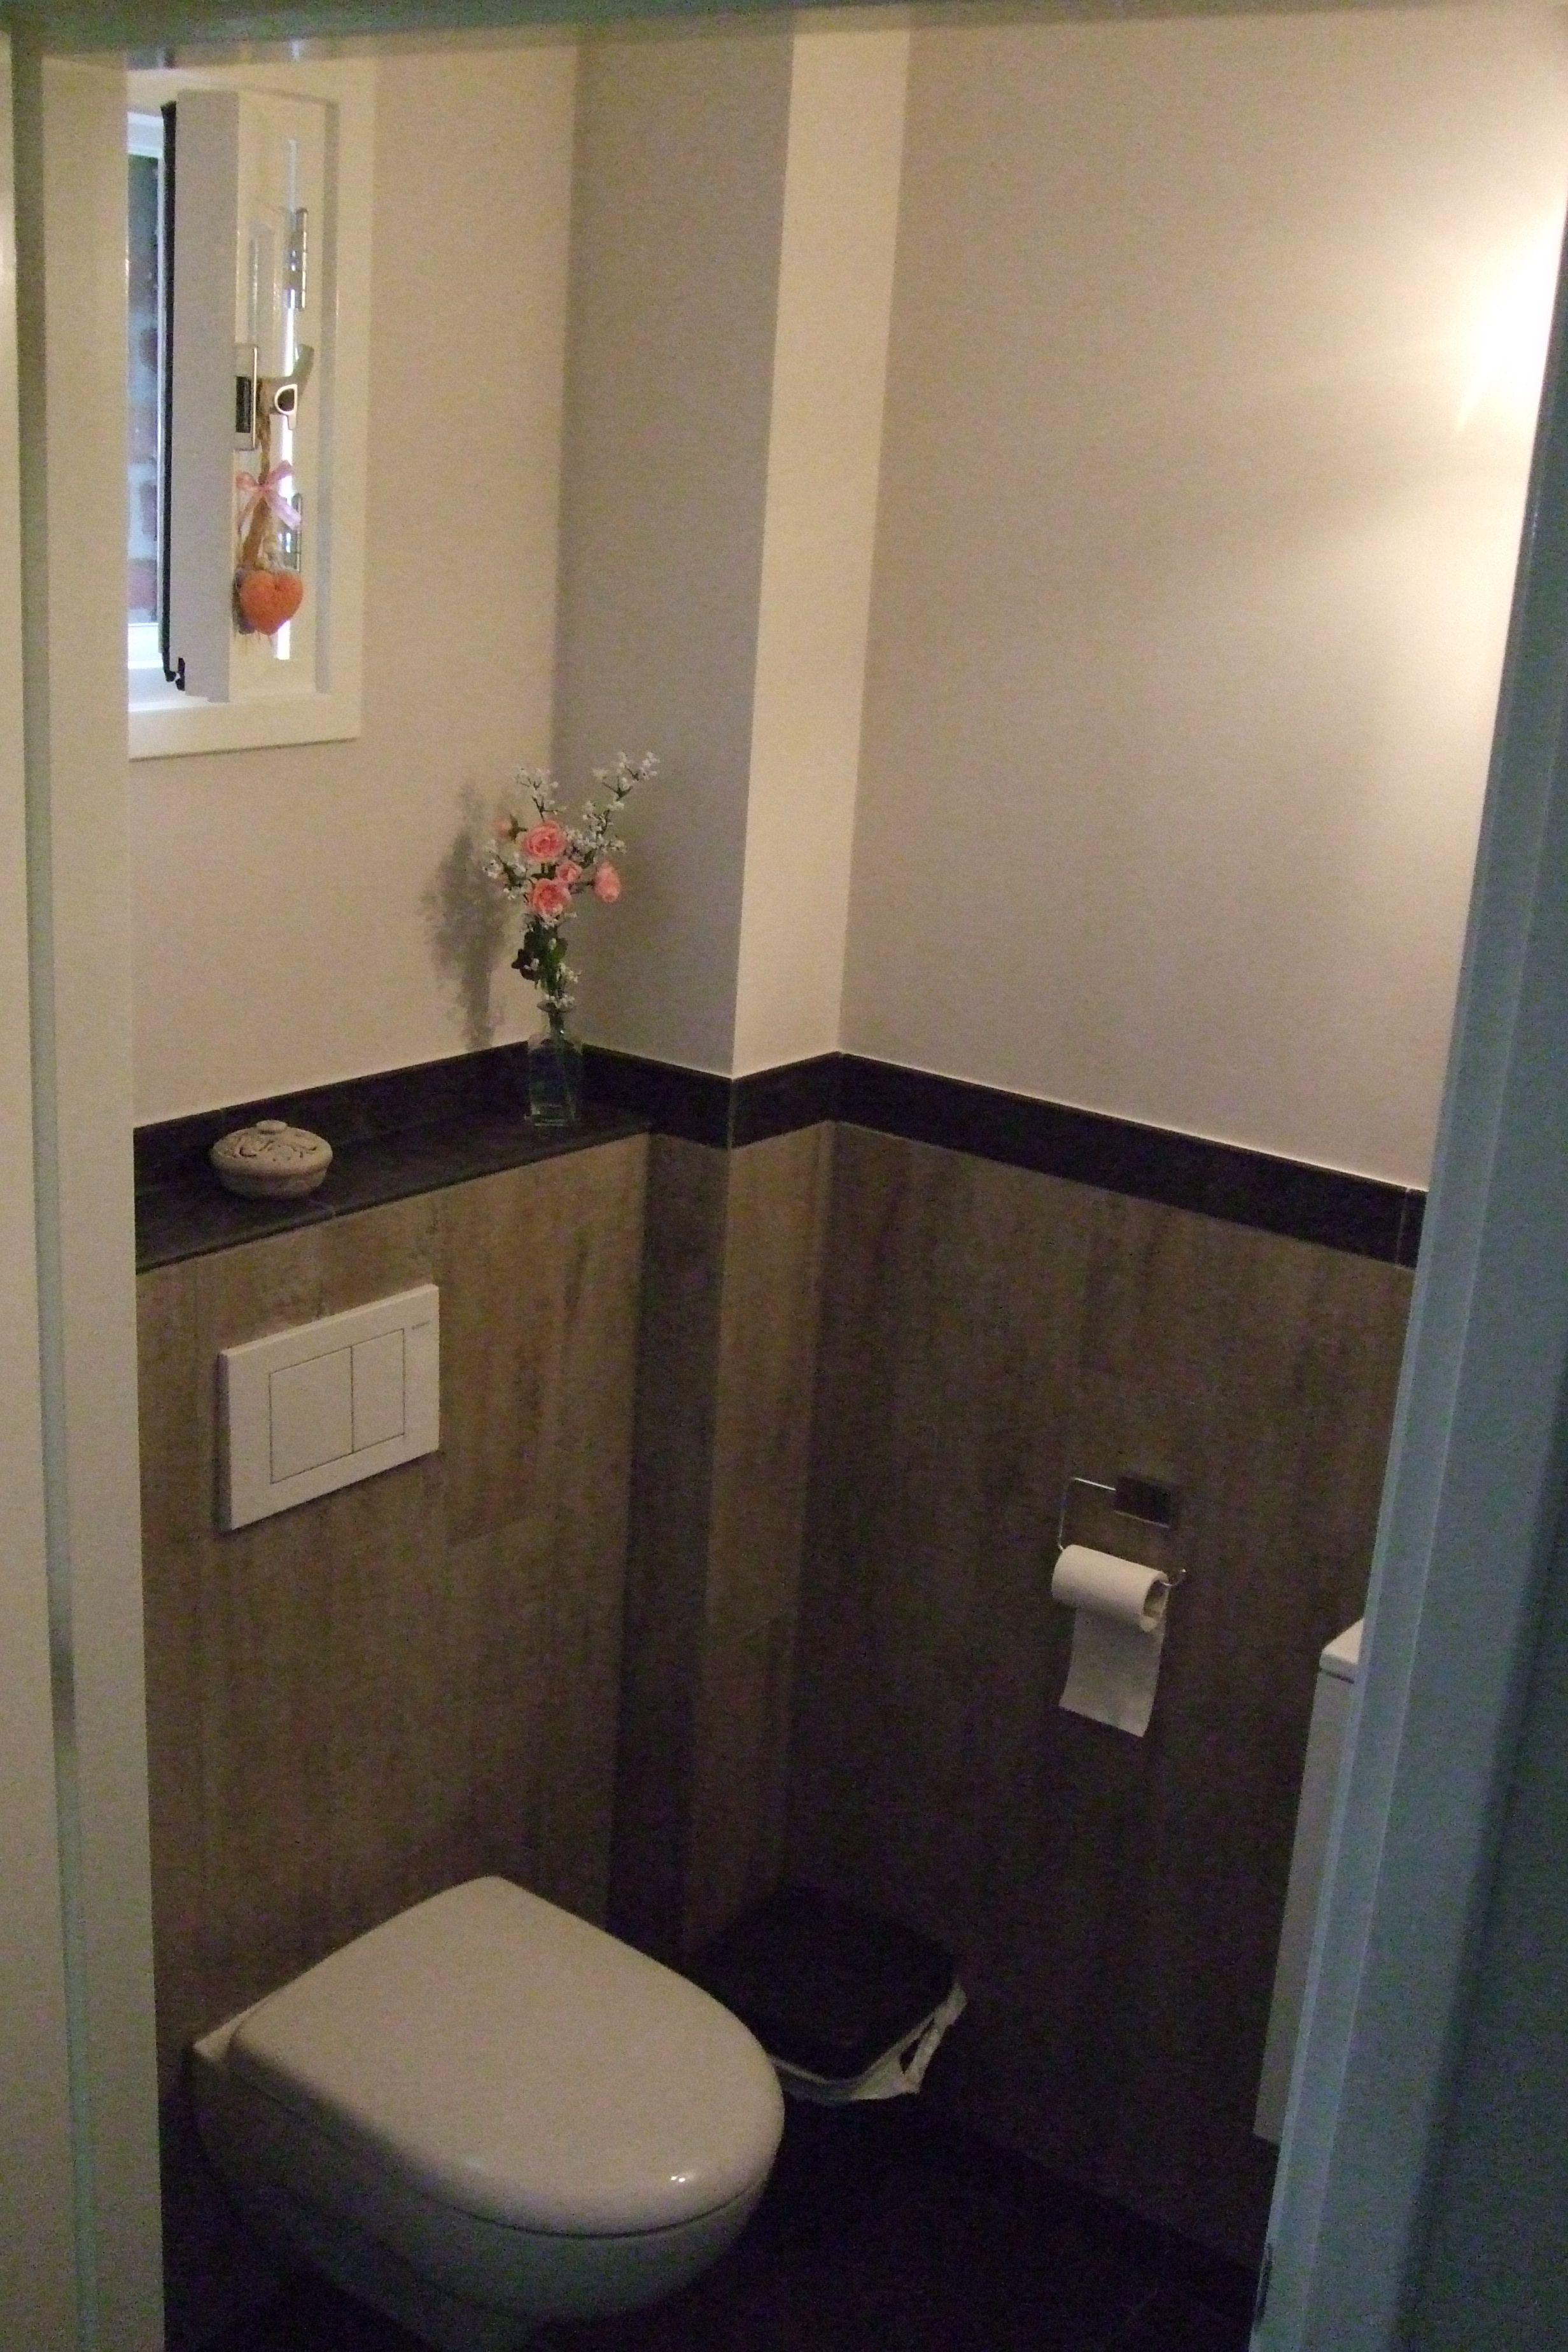 Badkamers en wc witlox bouwbedrijf - Wc tegel ...